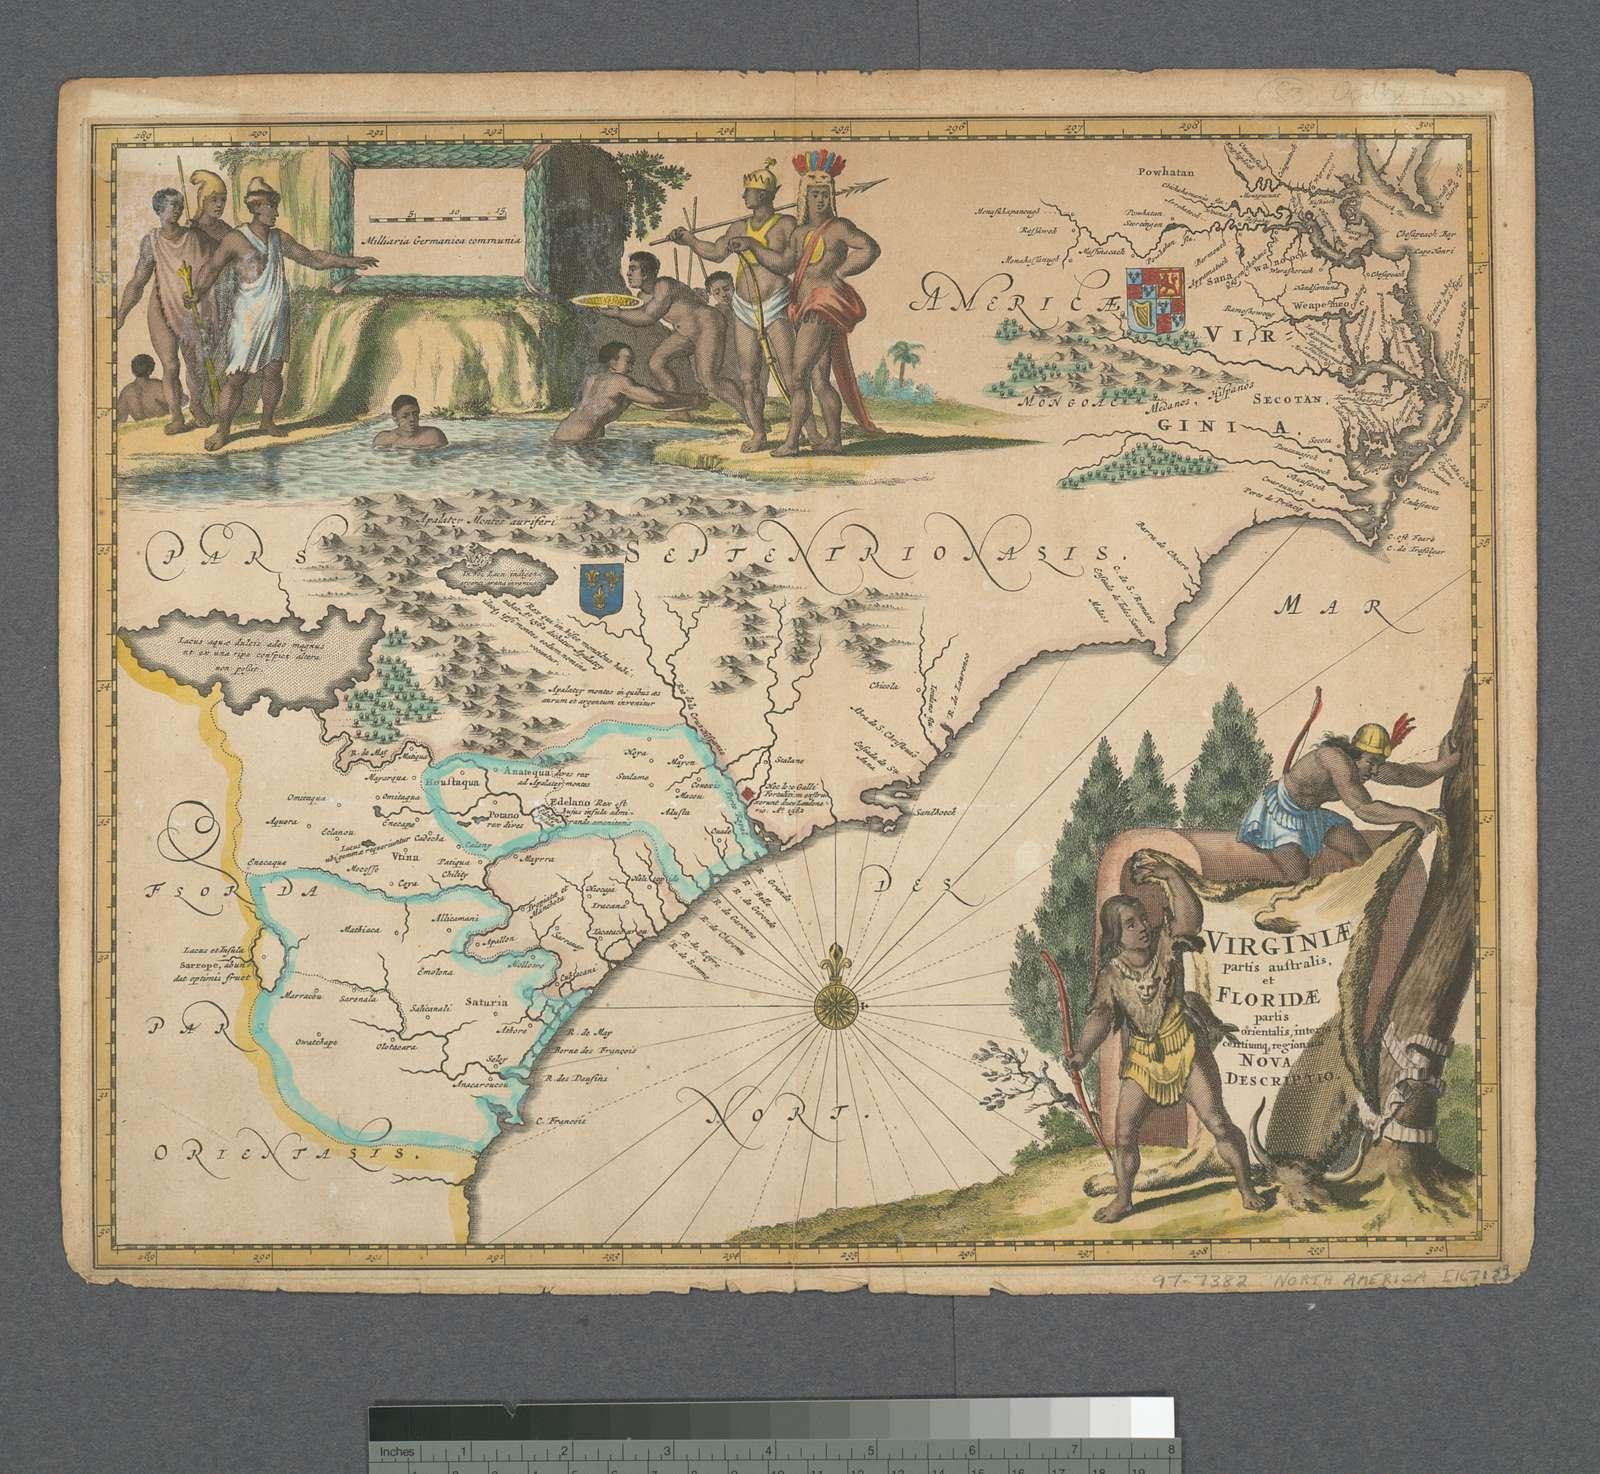 Virginiae partis australis, et Floridae partis orientalis, interjacentiumq[ue] regionum, nova descriptio.